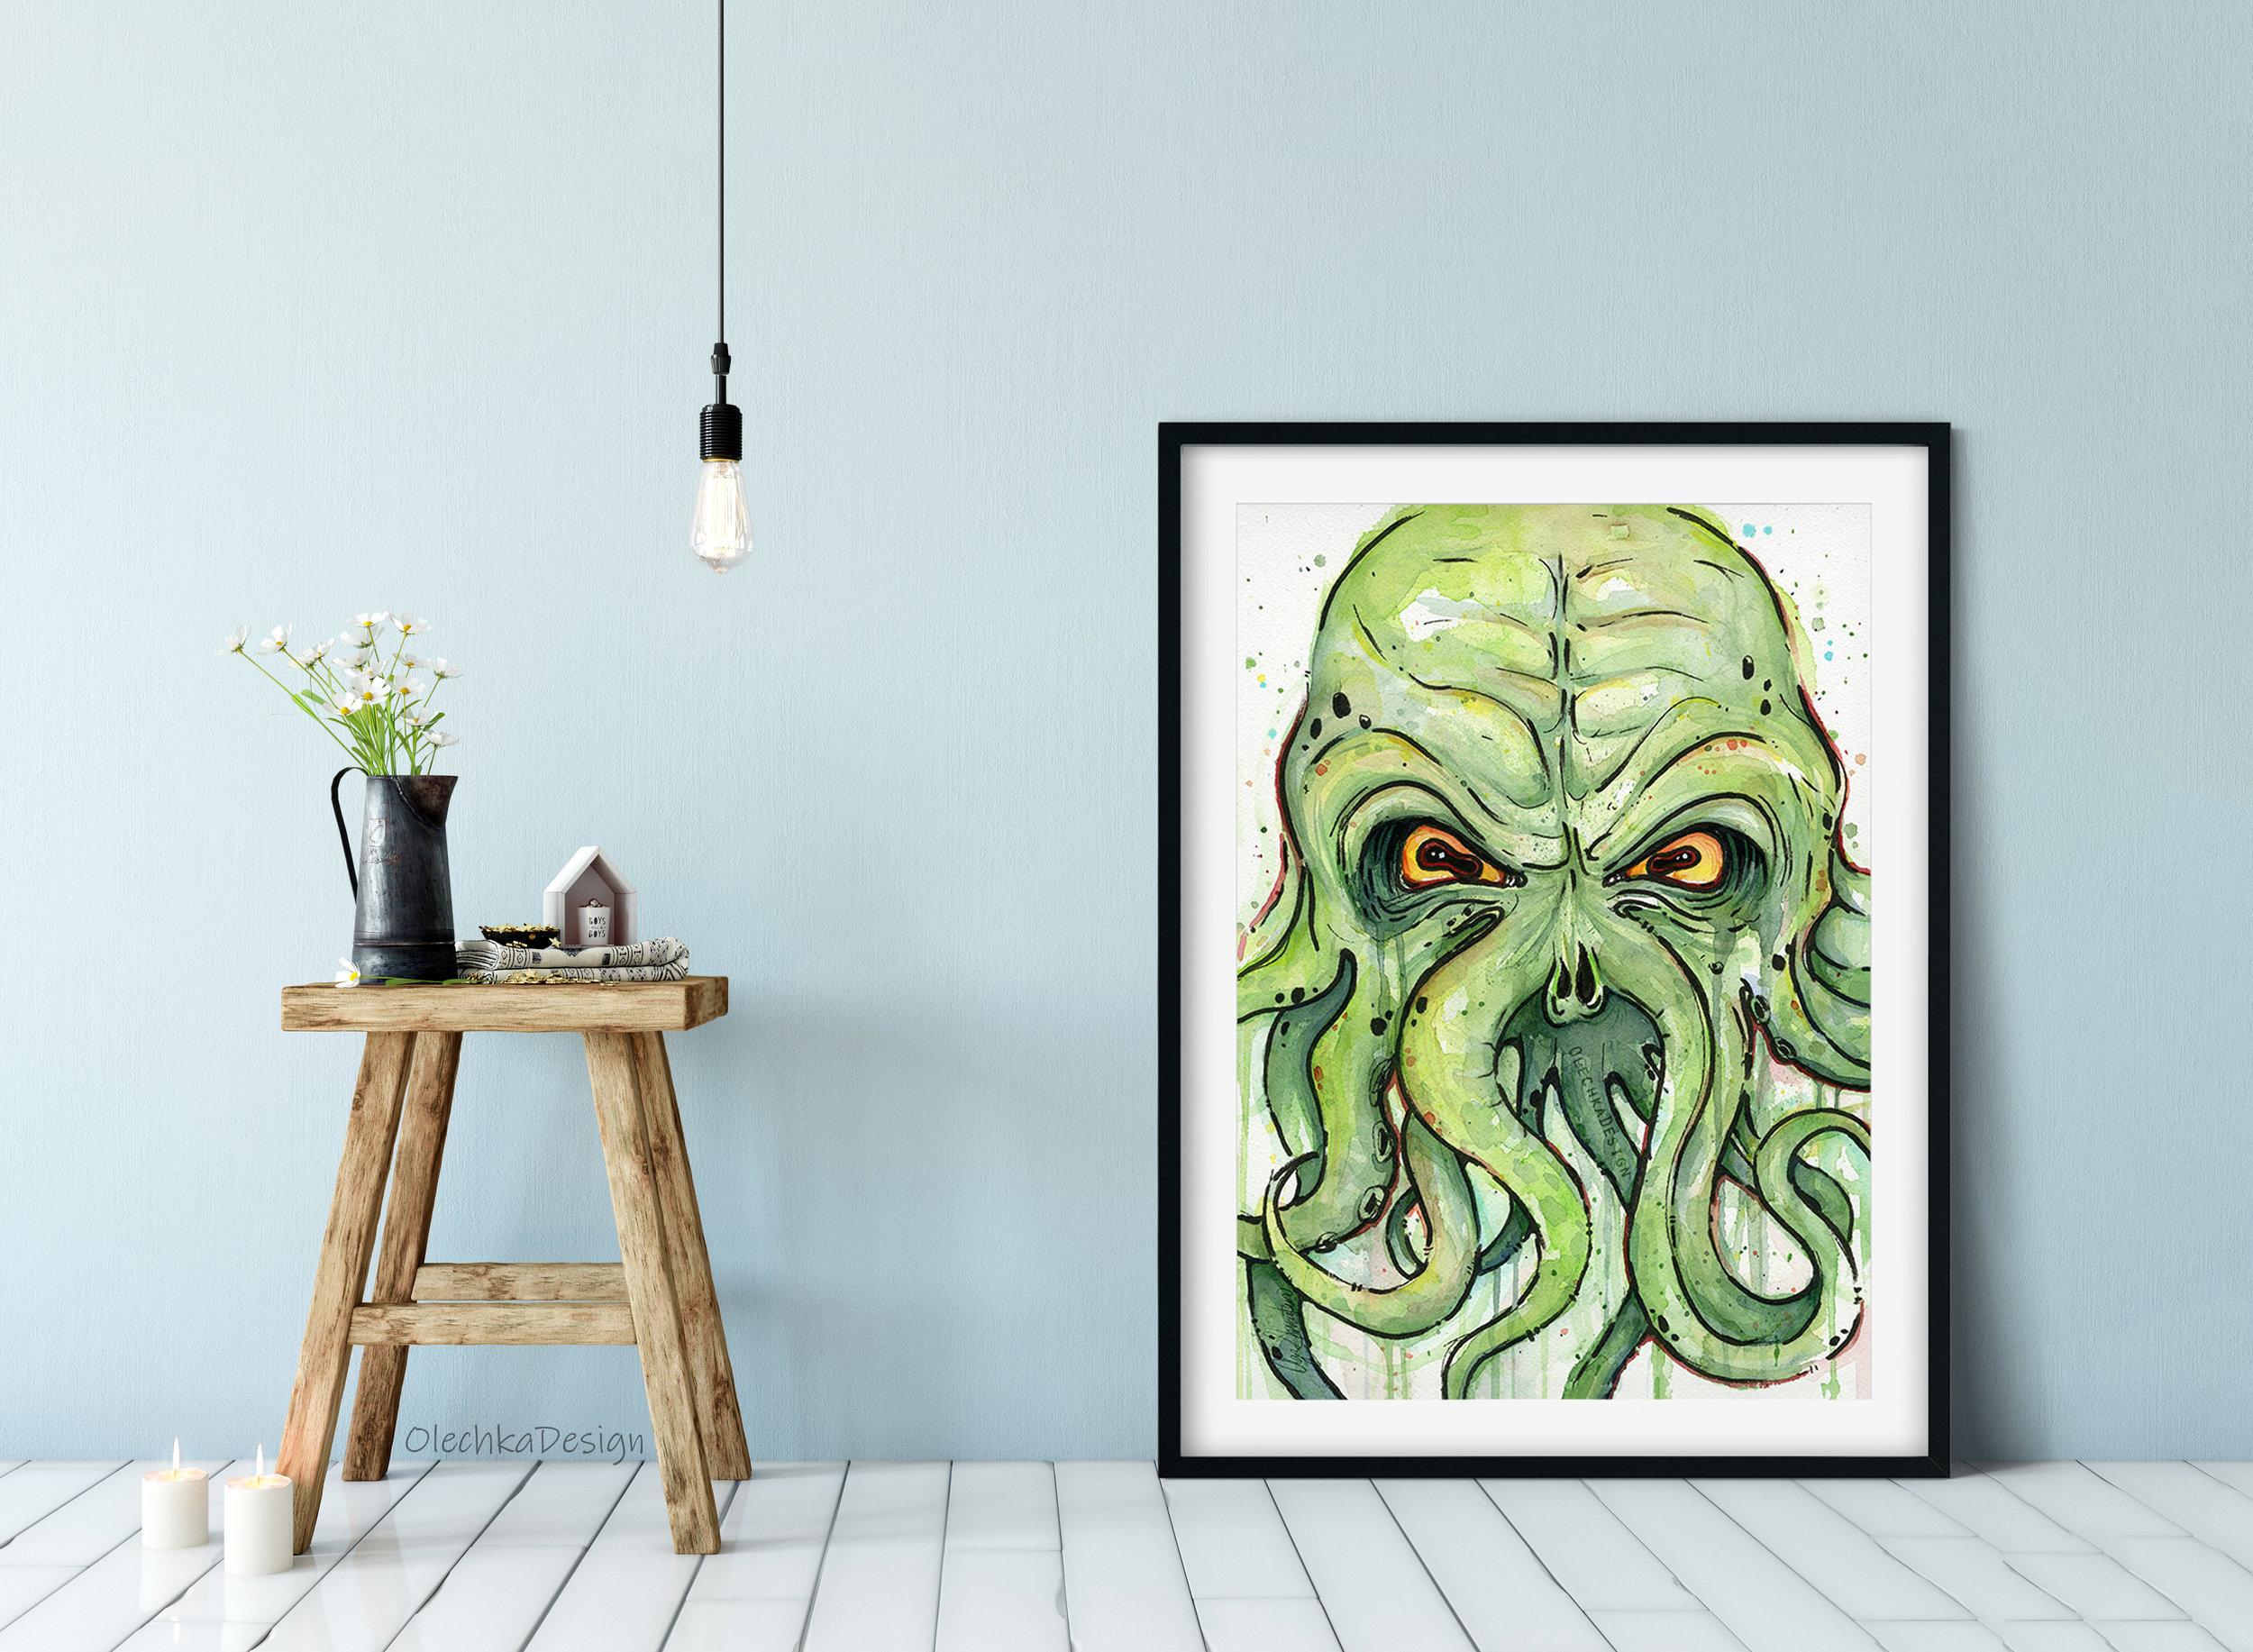 cthulhu-art-hp-lovecraft-wall-art.jpg